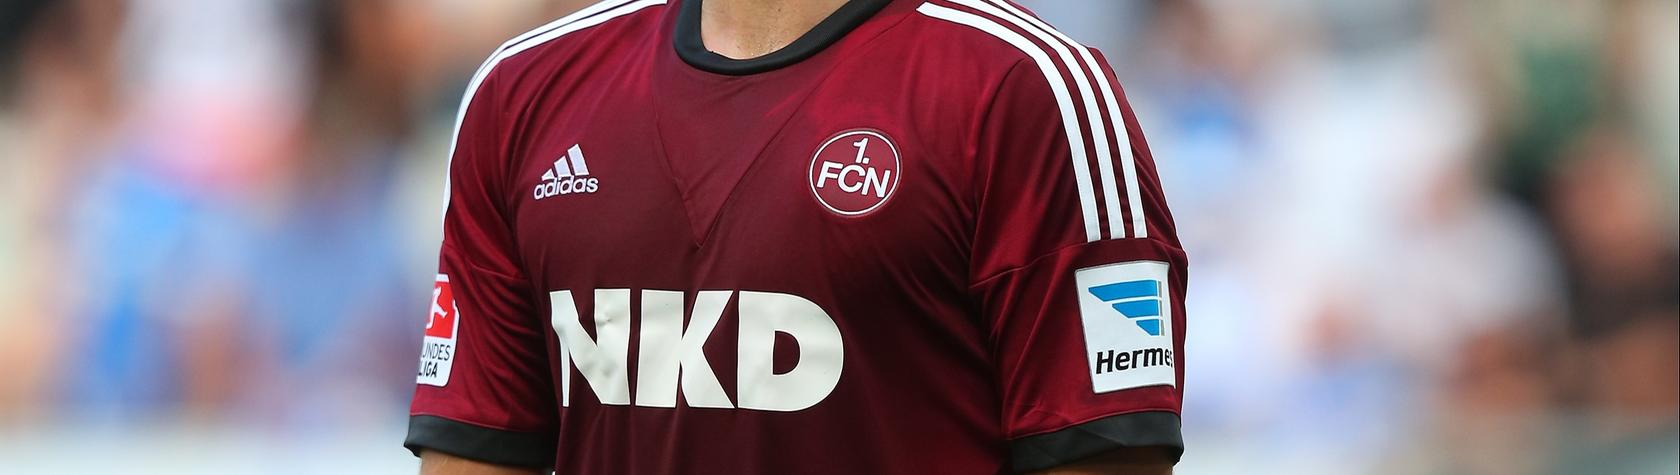 NKD ist beim 1. FC Nürnberg als Haupt- und Trikotsponsor offenbar bald Geschichte.